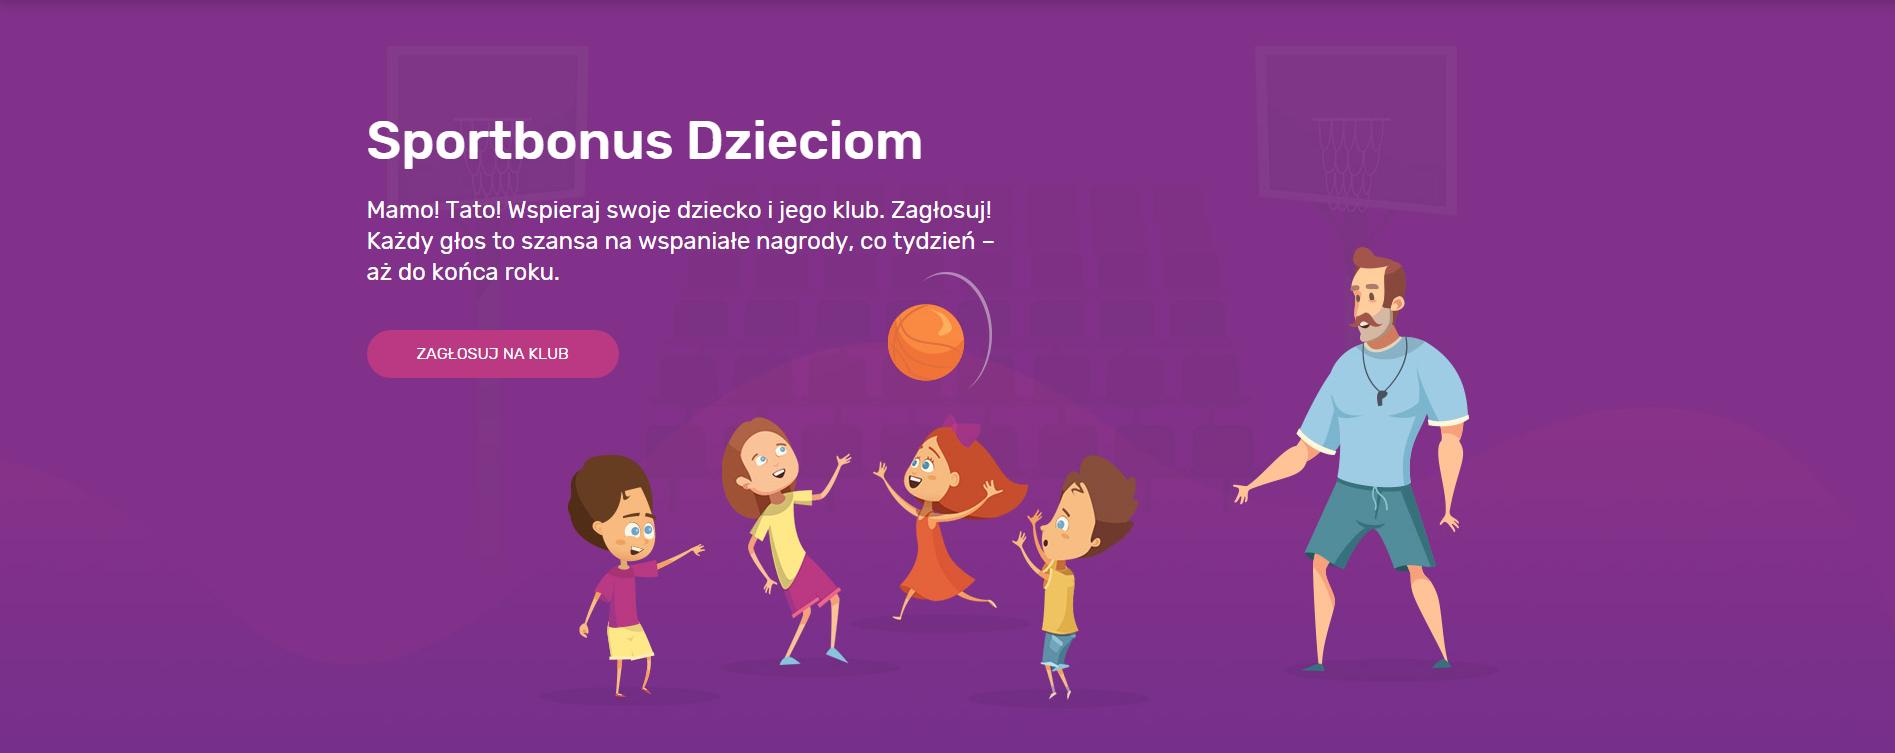 Dowiedz się więcej o akcji Sportbonus Dzieciom i zagłosuj na klub!